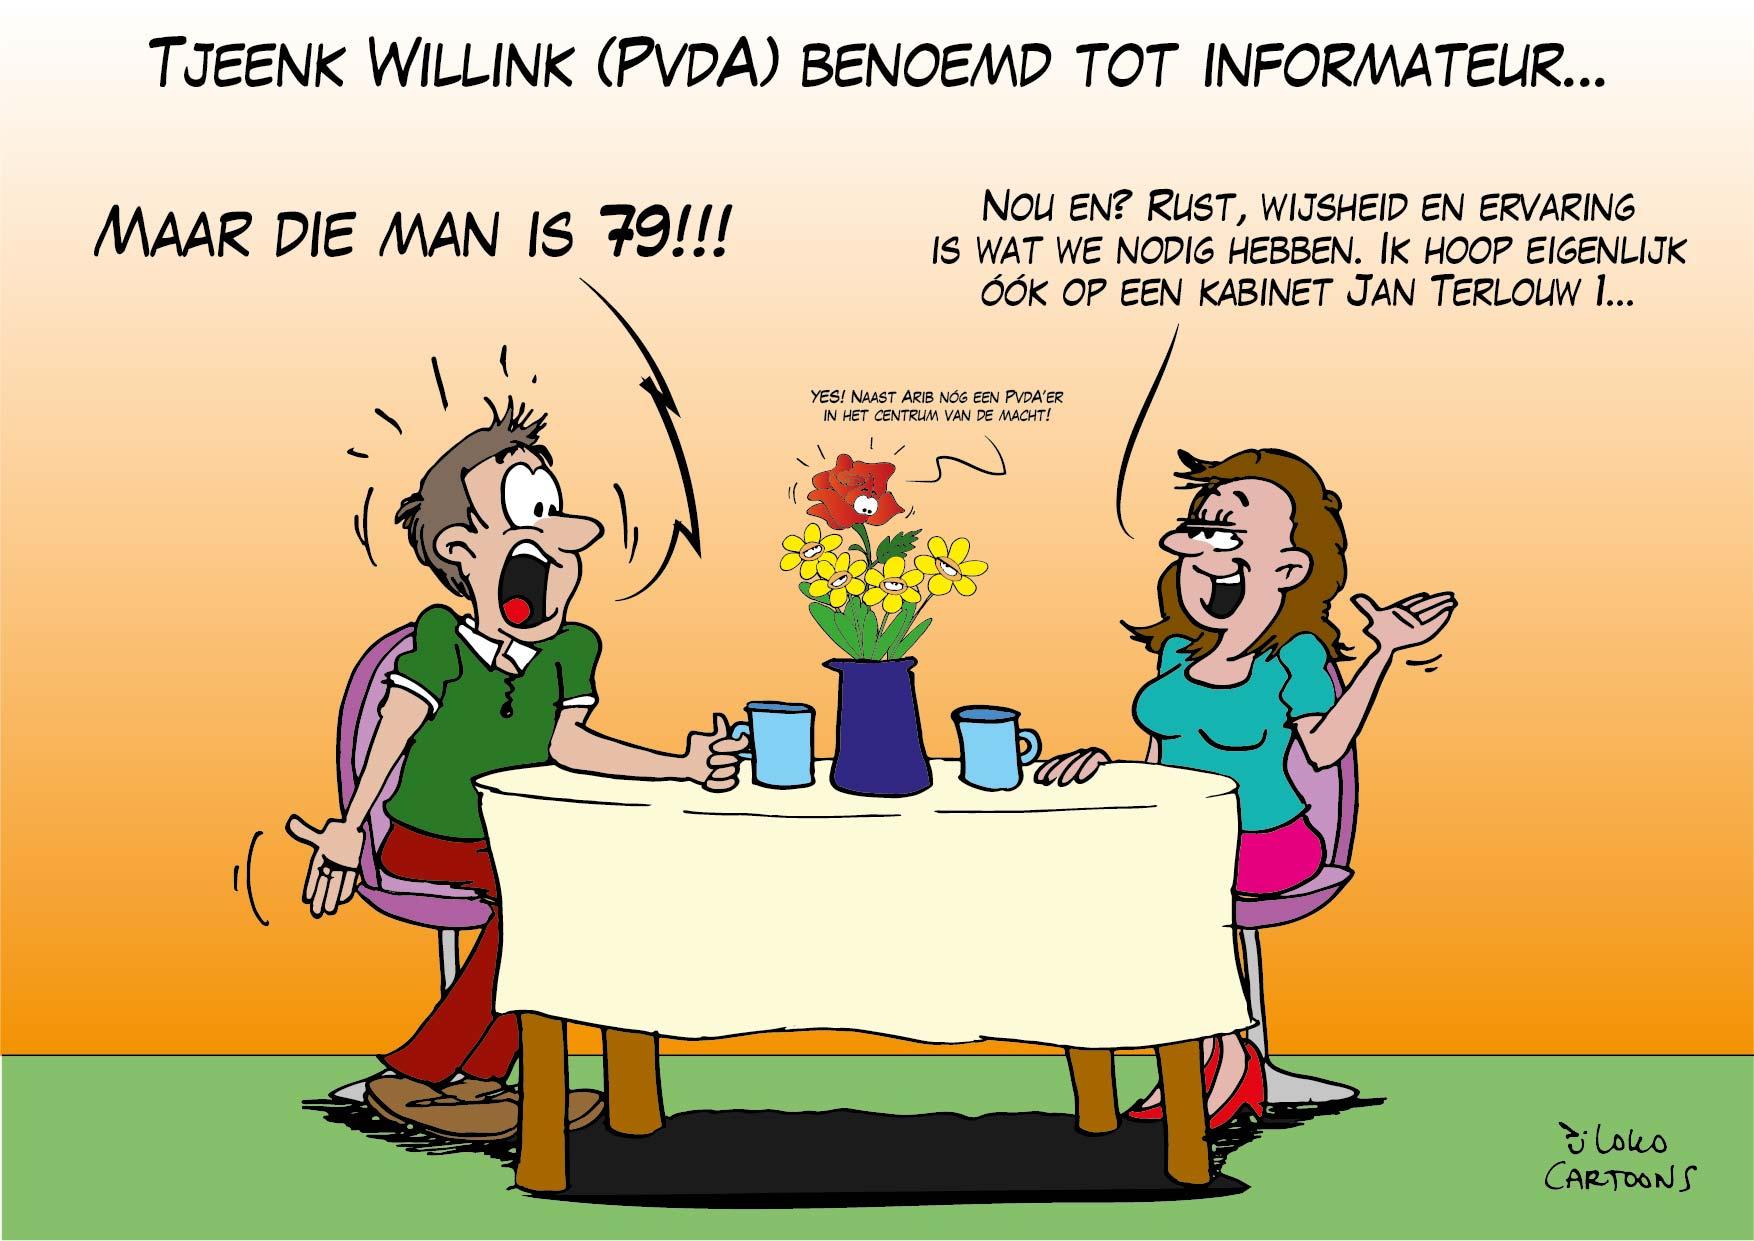 Tjeenk Willink (PvdA) benoemd tot informateur…